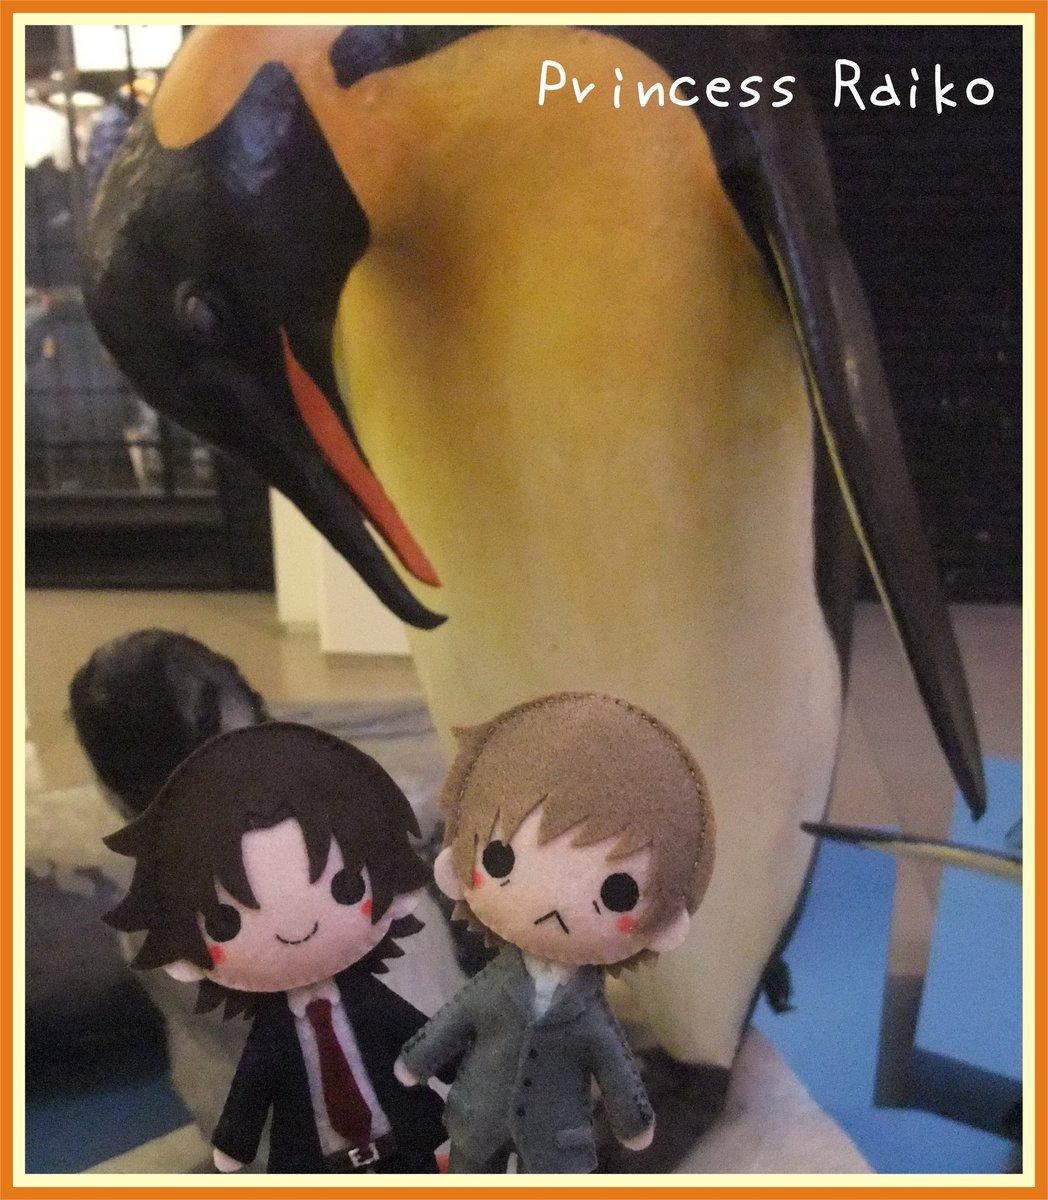 純情ミス。。ペンギンと 🐧#純情ロマ #純情ミス #純情ロマンチカ #純情ミステイク